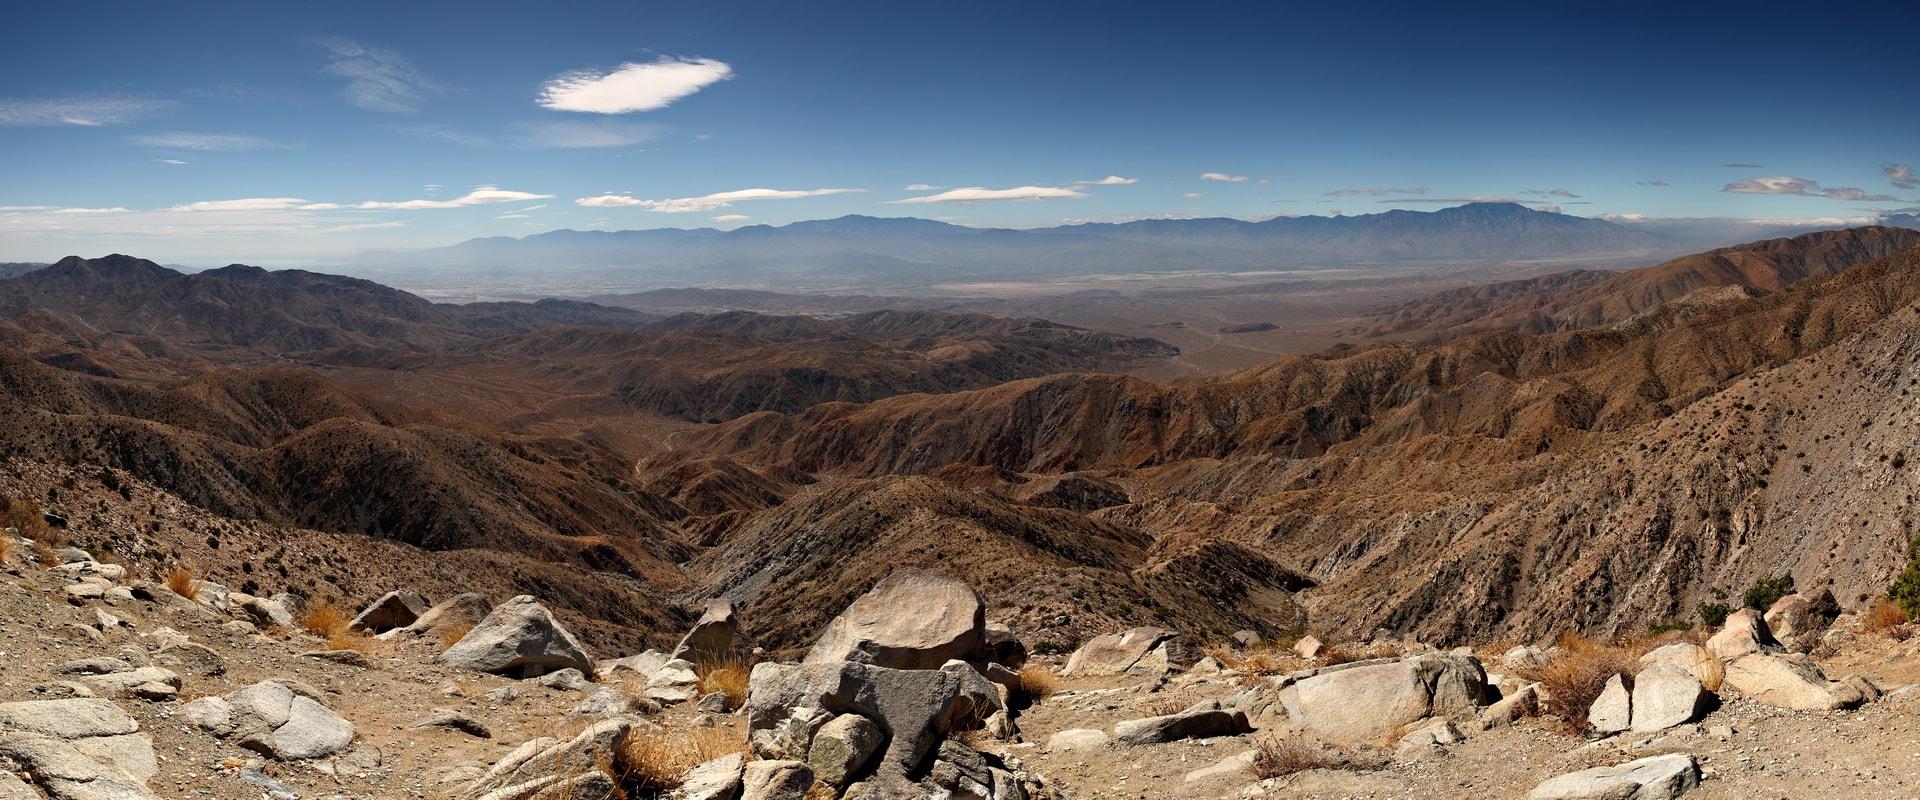 Voyages Expeditions Maroc - meharee et trekking dans le haut atlas